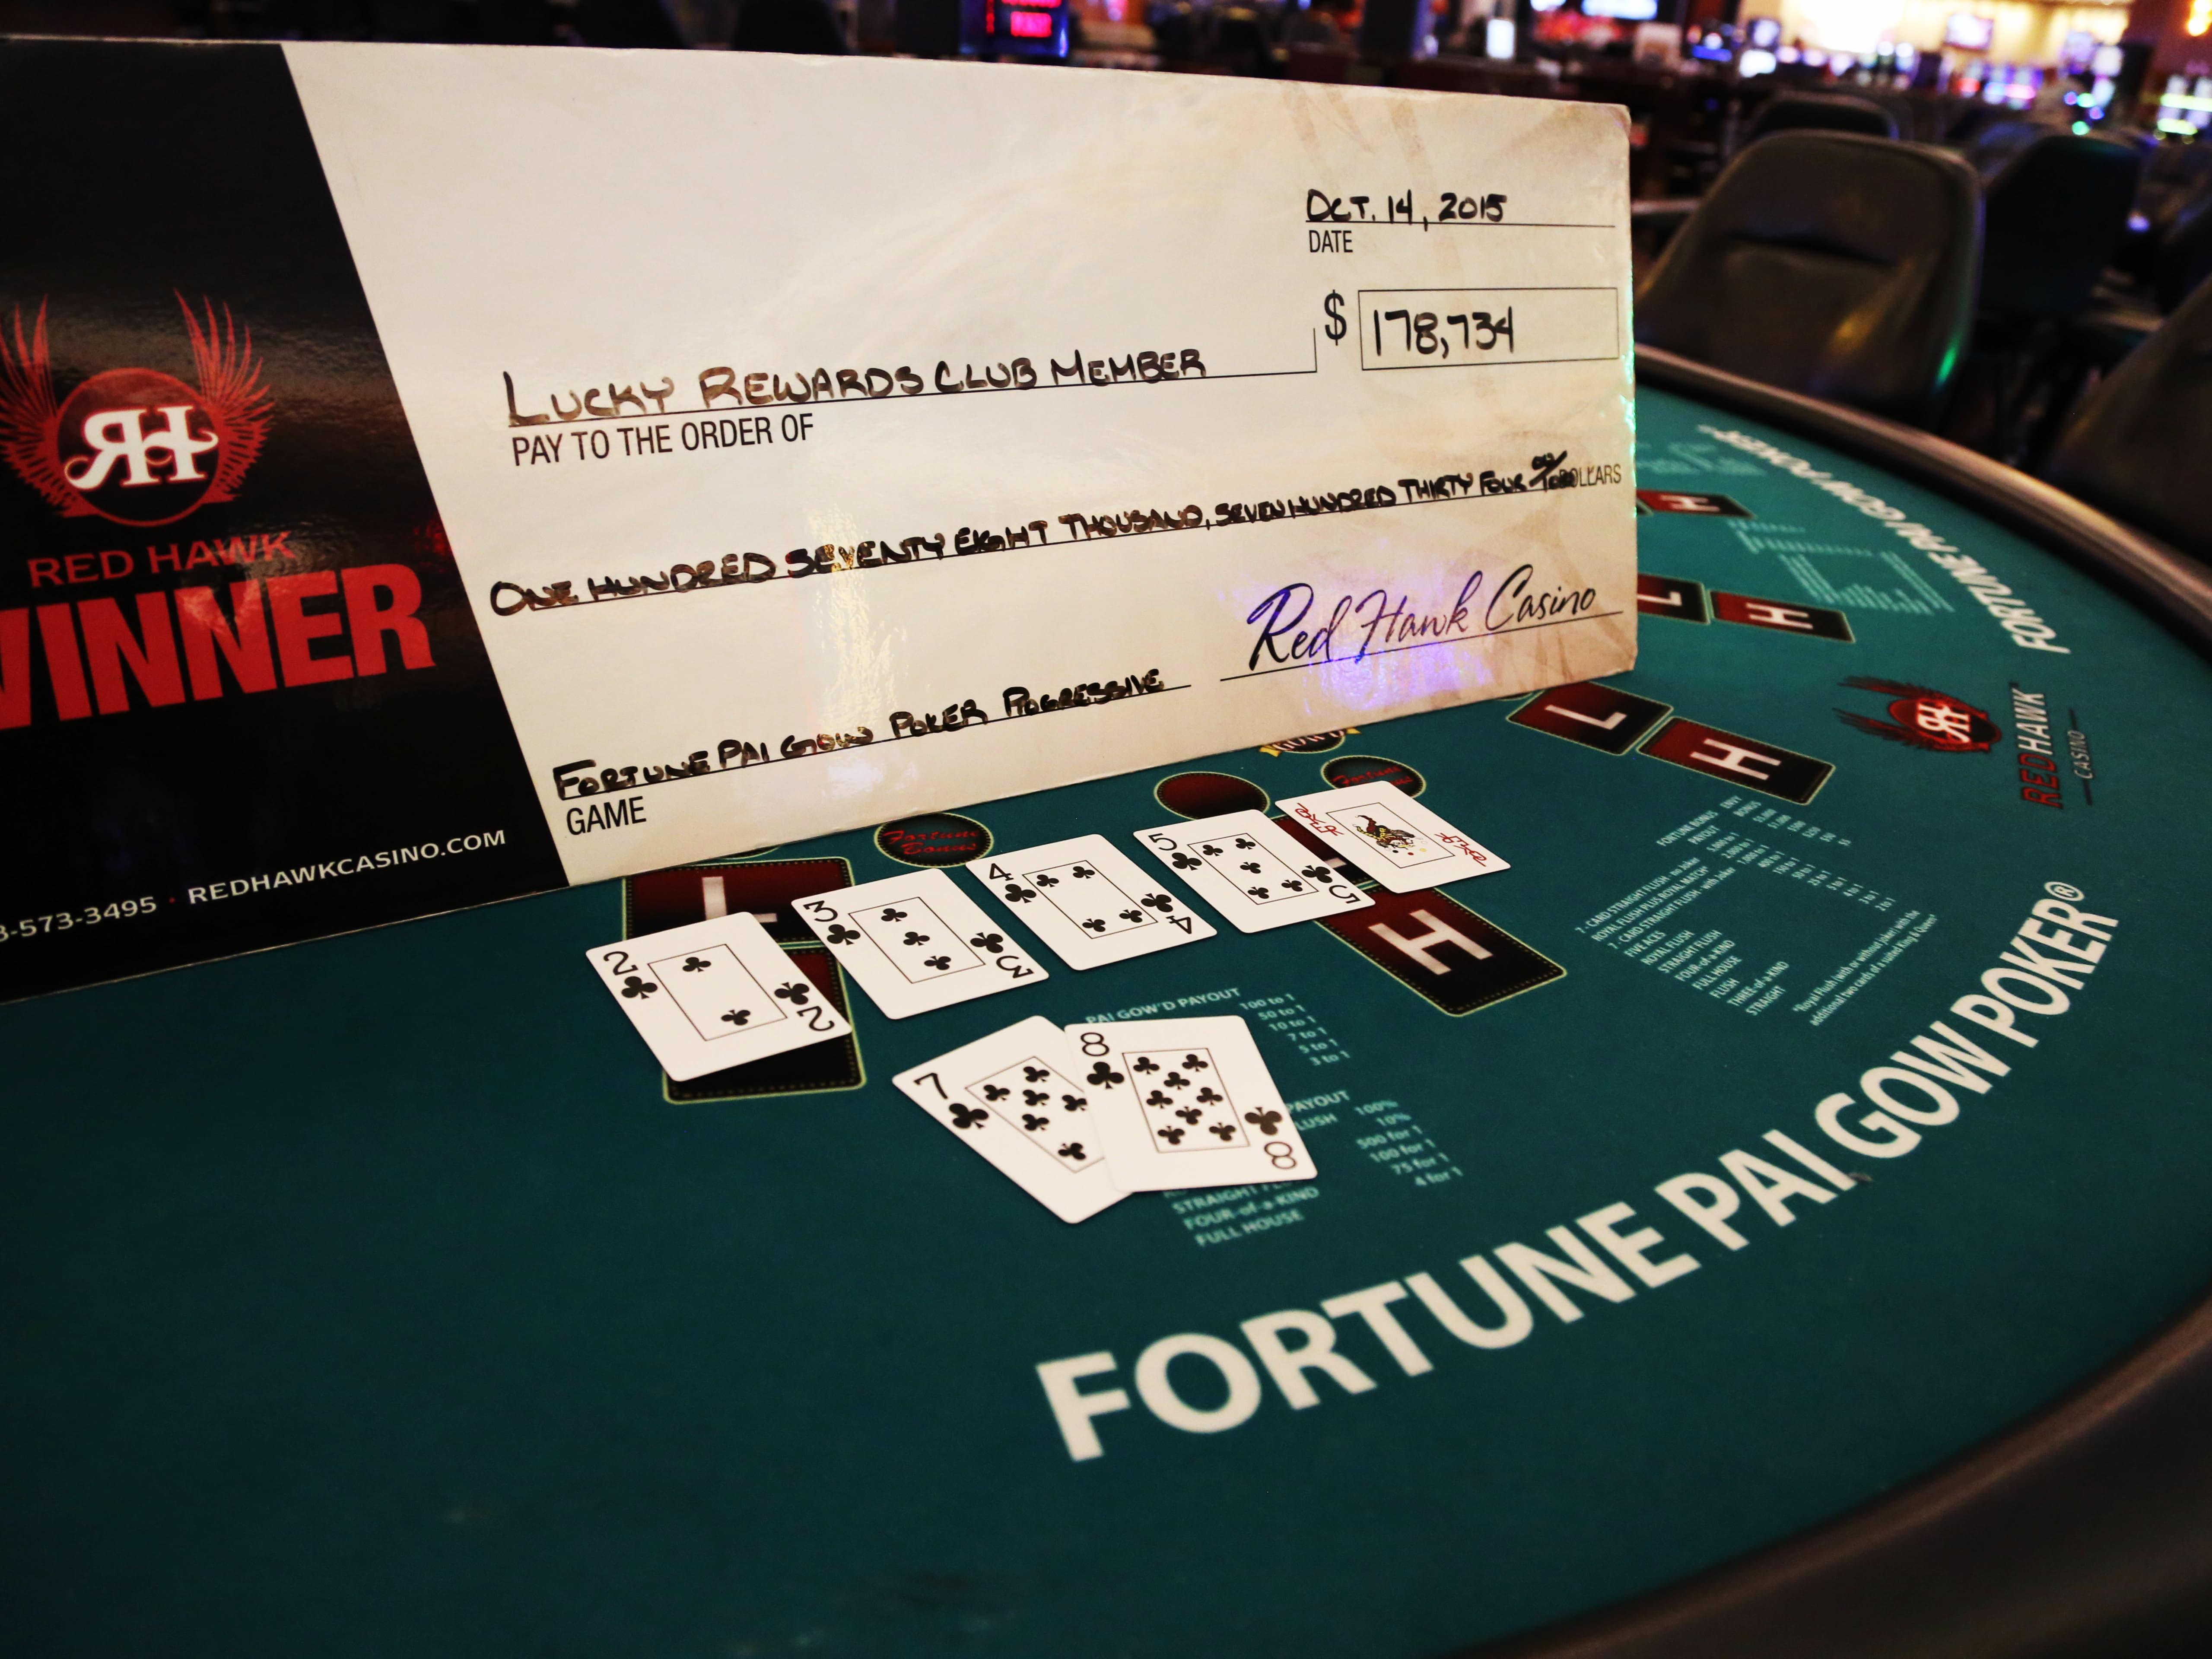 ยูโร 4120 ไม่มีรหัสโบนัสเงินฝากที่ Uptown Aces Casino